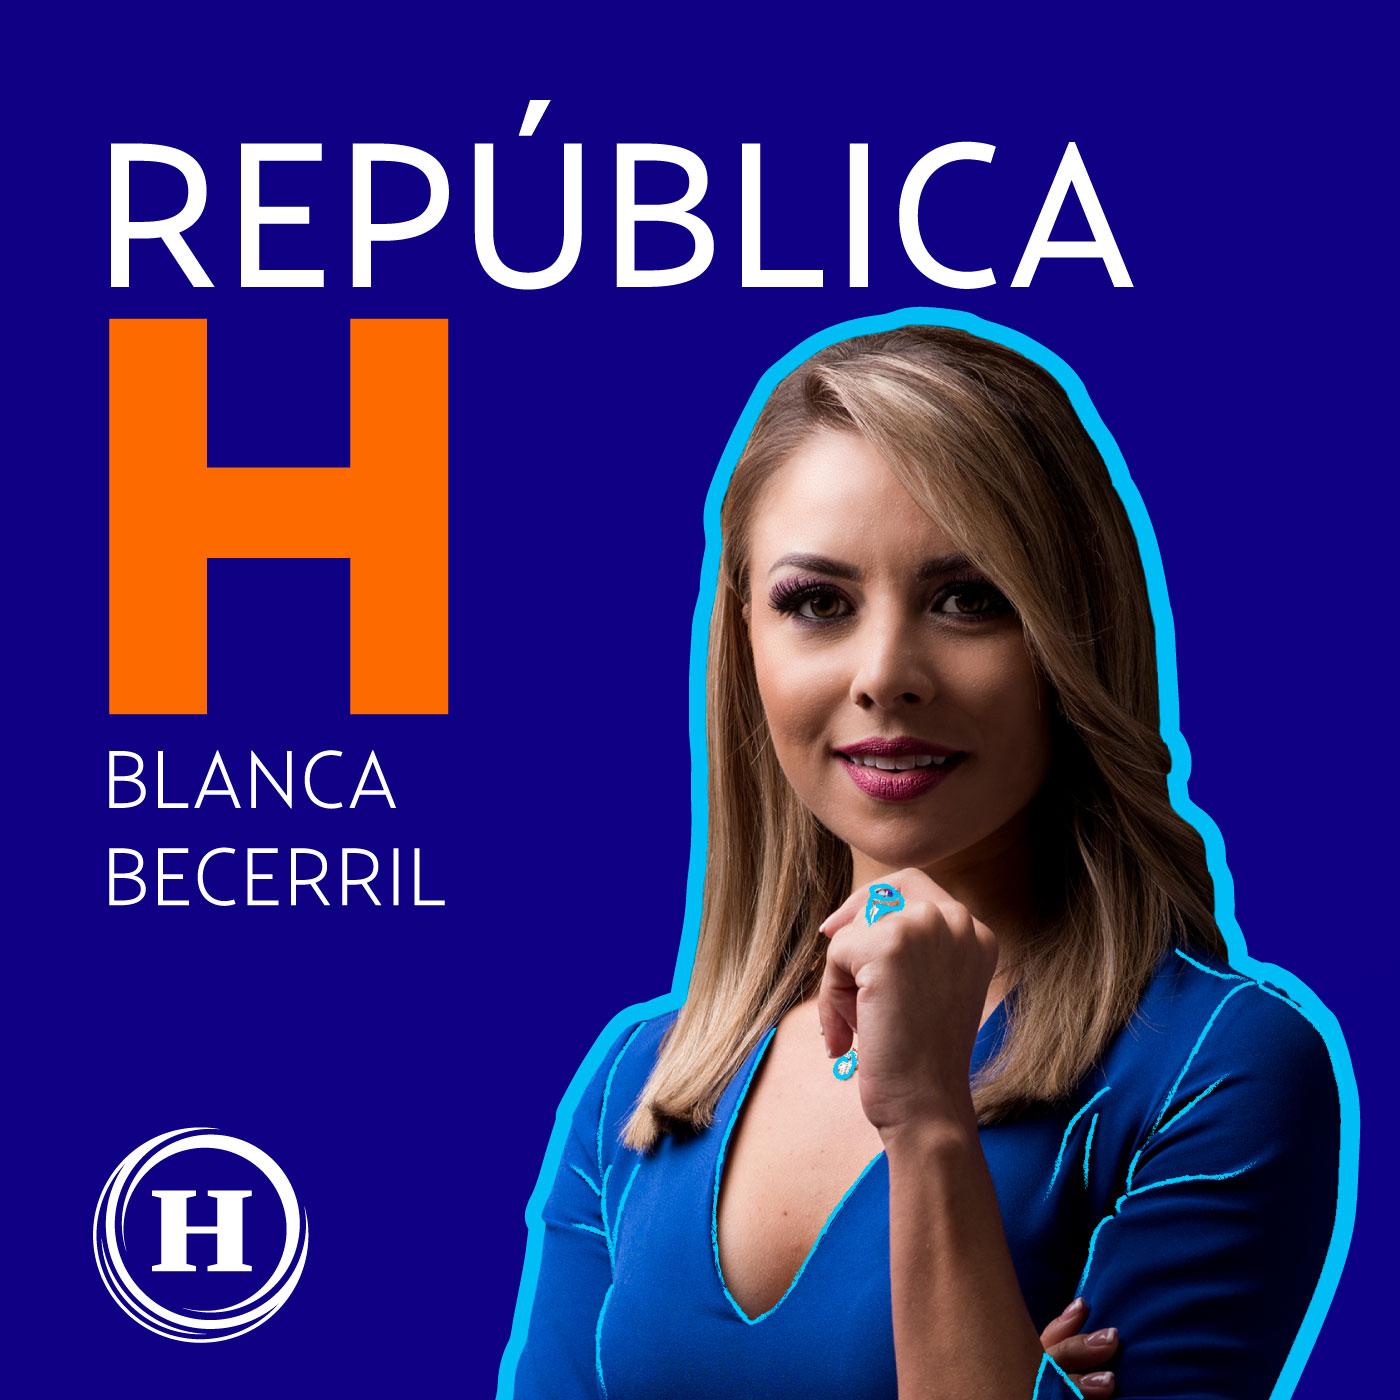 República H. Programa completo martes 28 de julio 2020